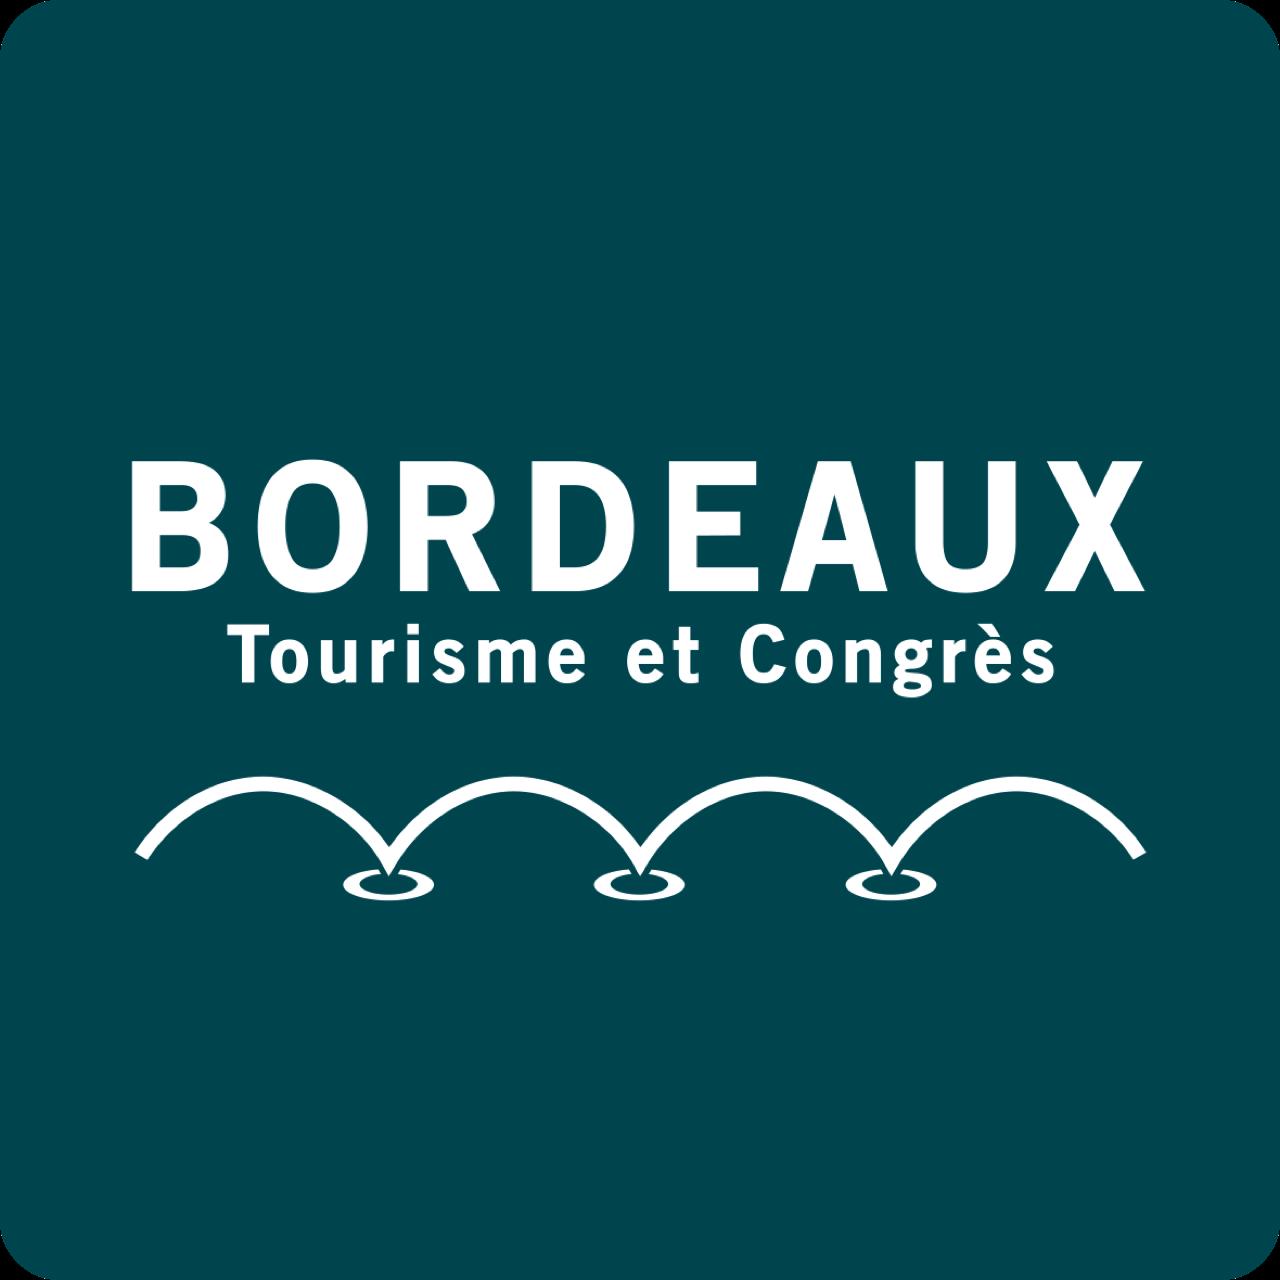 Le nouveau clip 39 cities 39 d voil par l 39 office du tourisme de bordeaux m tropole club presse - Office tourisme de bordeaux ...